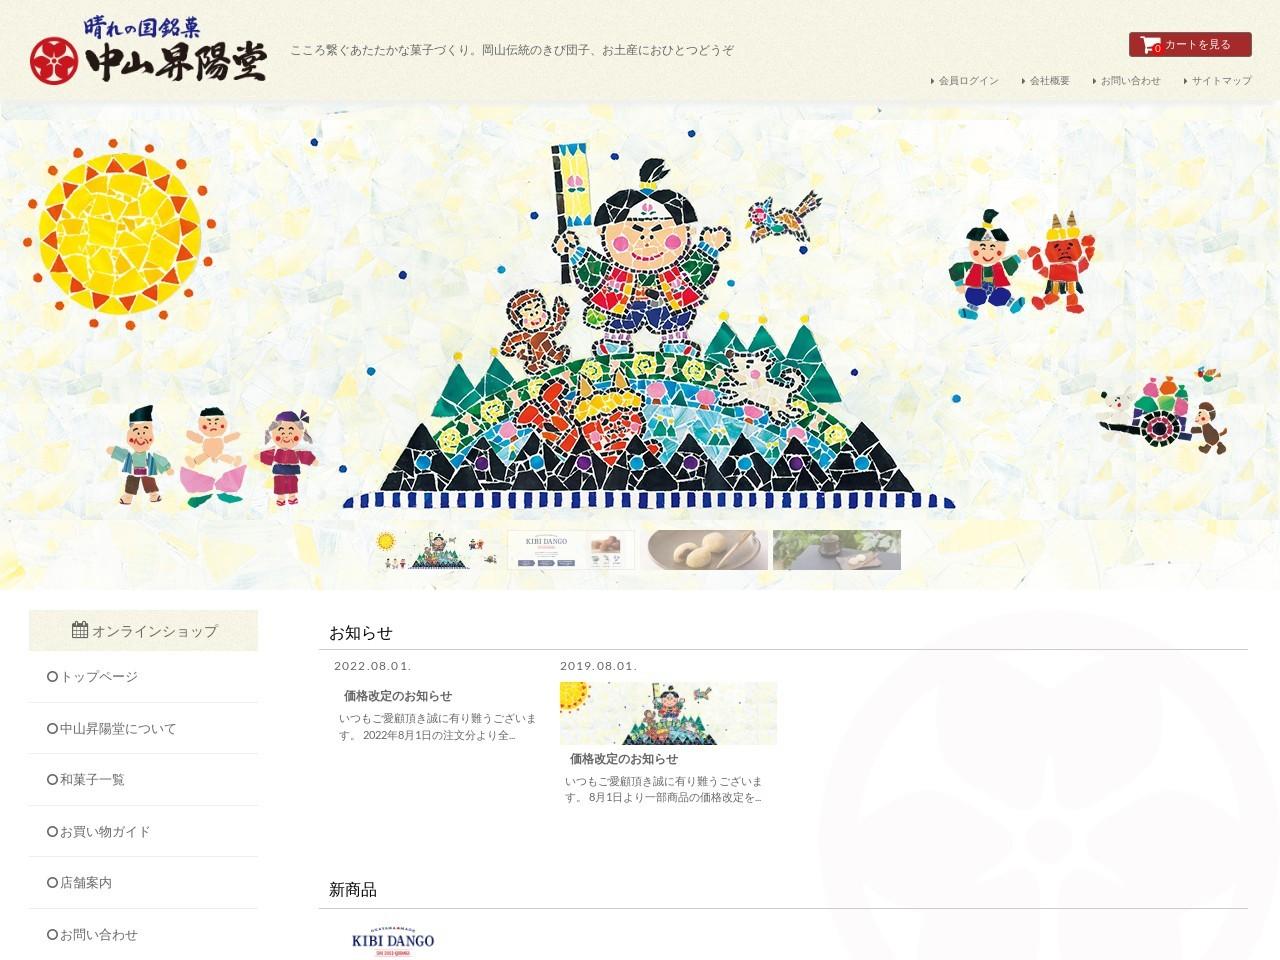 中山昇陽堂(なかやましょうようどう)|[ワンピースきびだんご]が新登場!BIGシール1枚入り(全10種類)のおまけ付き!